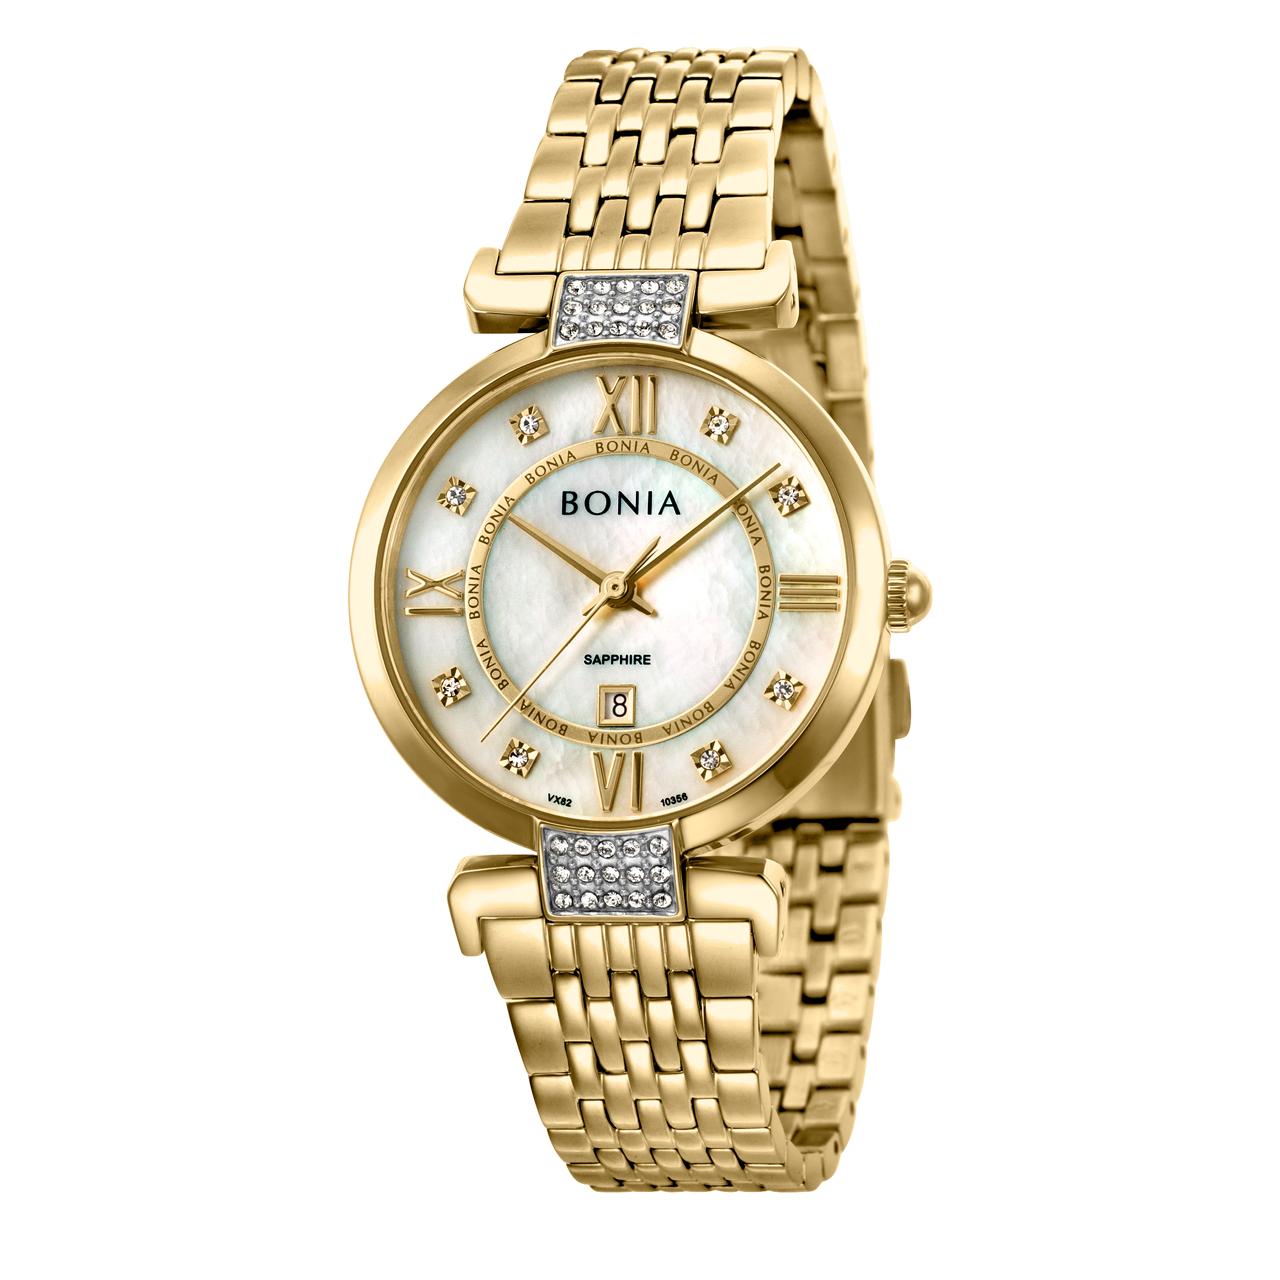 ساعت مچی عقربه ای زنانه بونیا کد BNB10356-2253